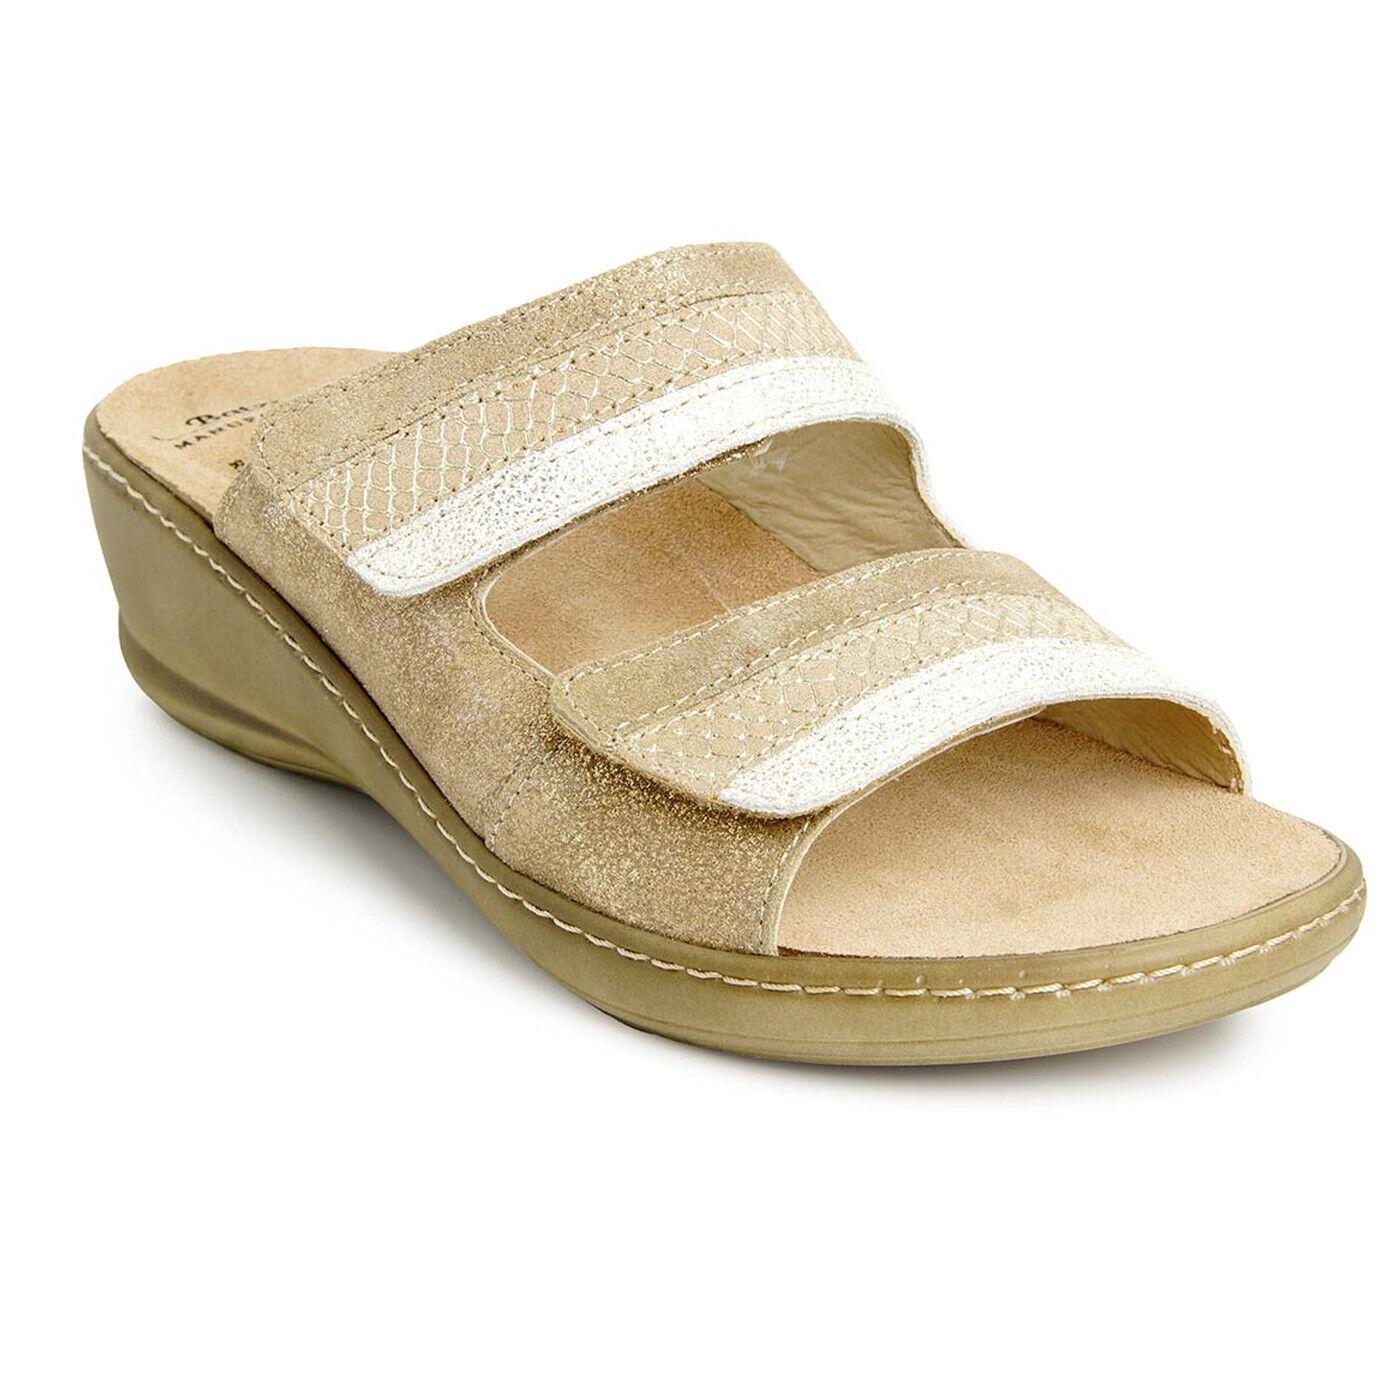 Batz HEDI HEDI HEDI Top Quality Handmade Leather Sandals Clogs Mules Women, gold 7a7e82